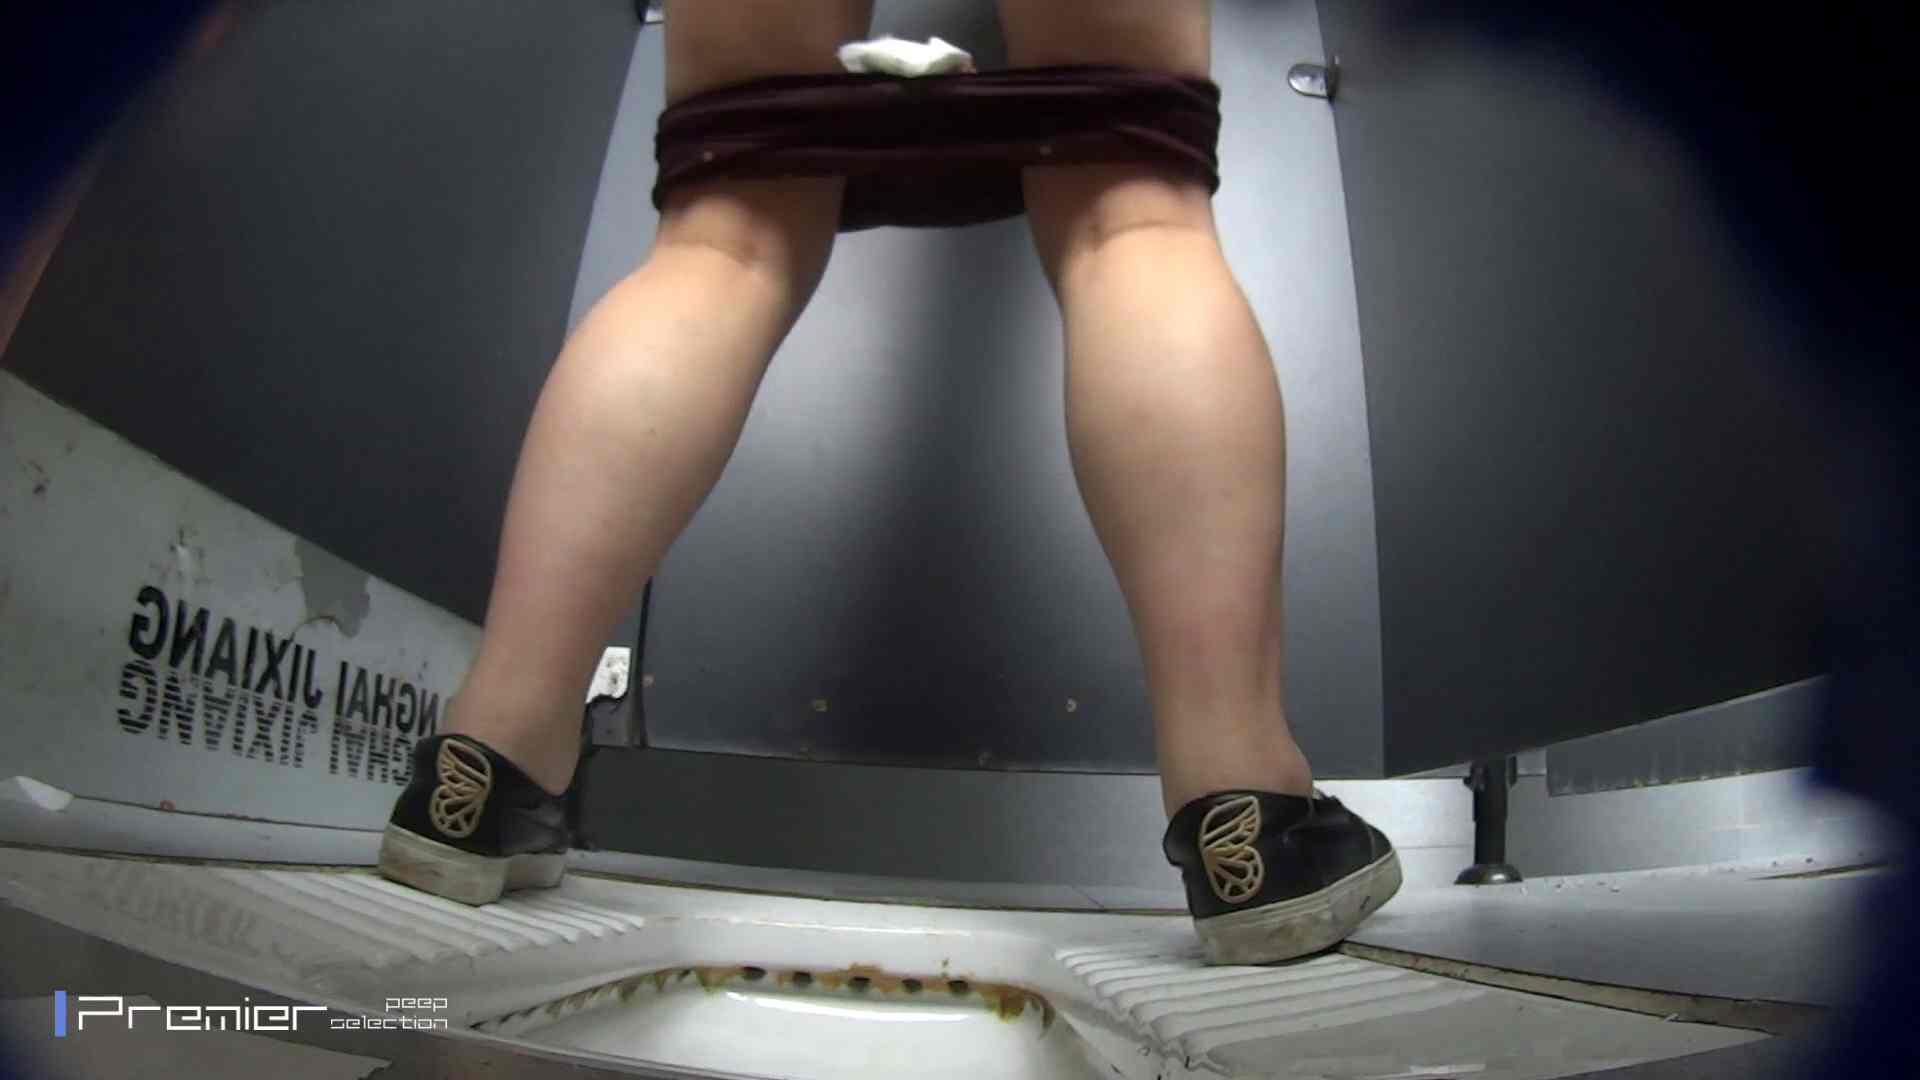 びゅーっと!オシッコ放出 大学休憩時間の洗面所事情47 お姉さんのSEX ワレメ動画紹介 84枚 81